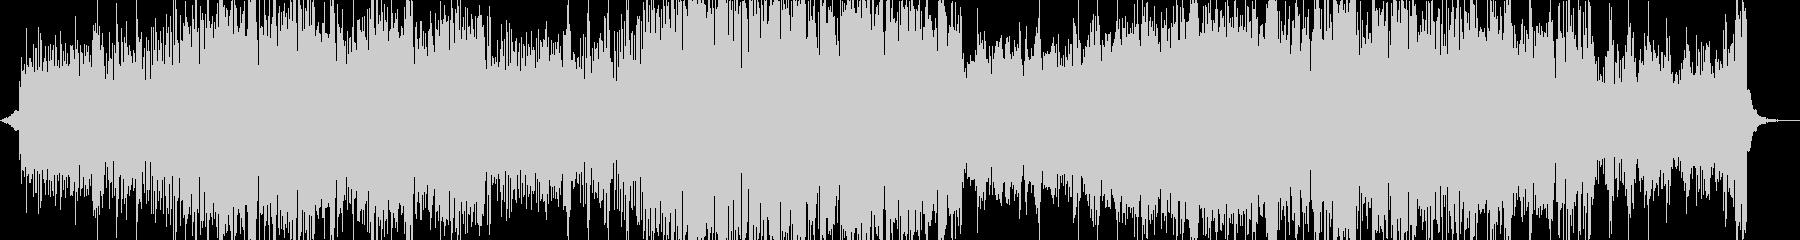 ハッピー 明るい ポジティブ ピアノ の未再生の波形